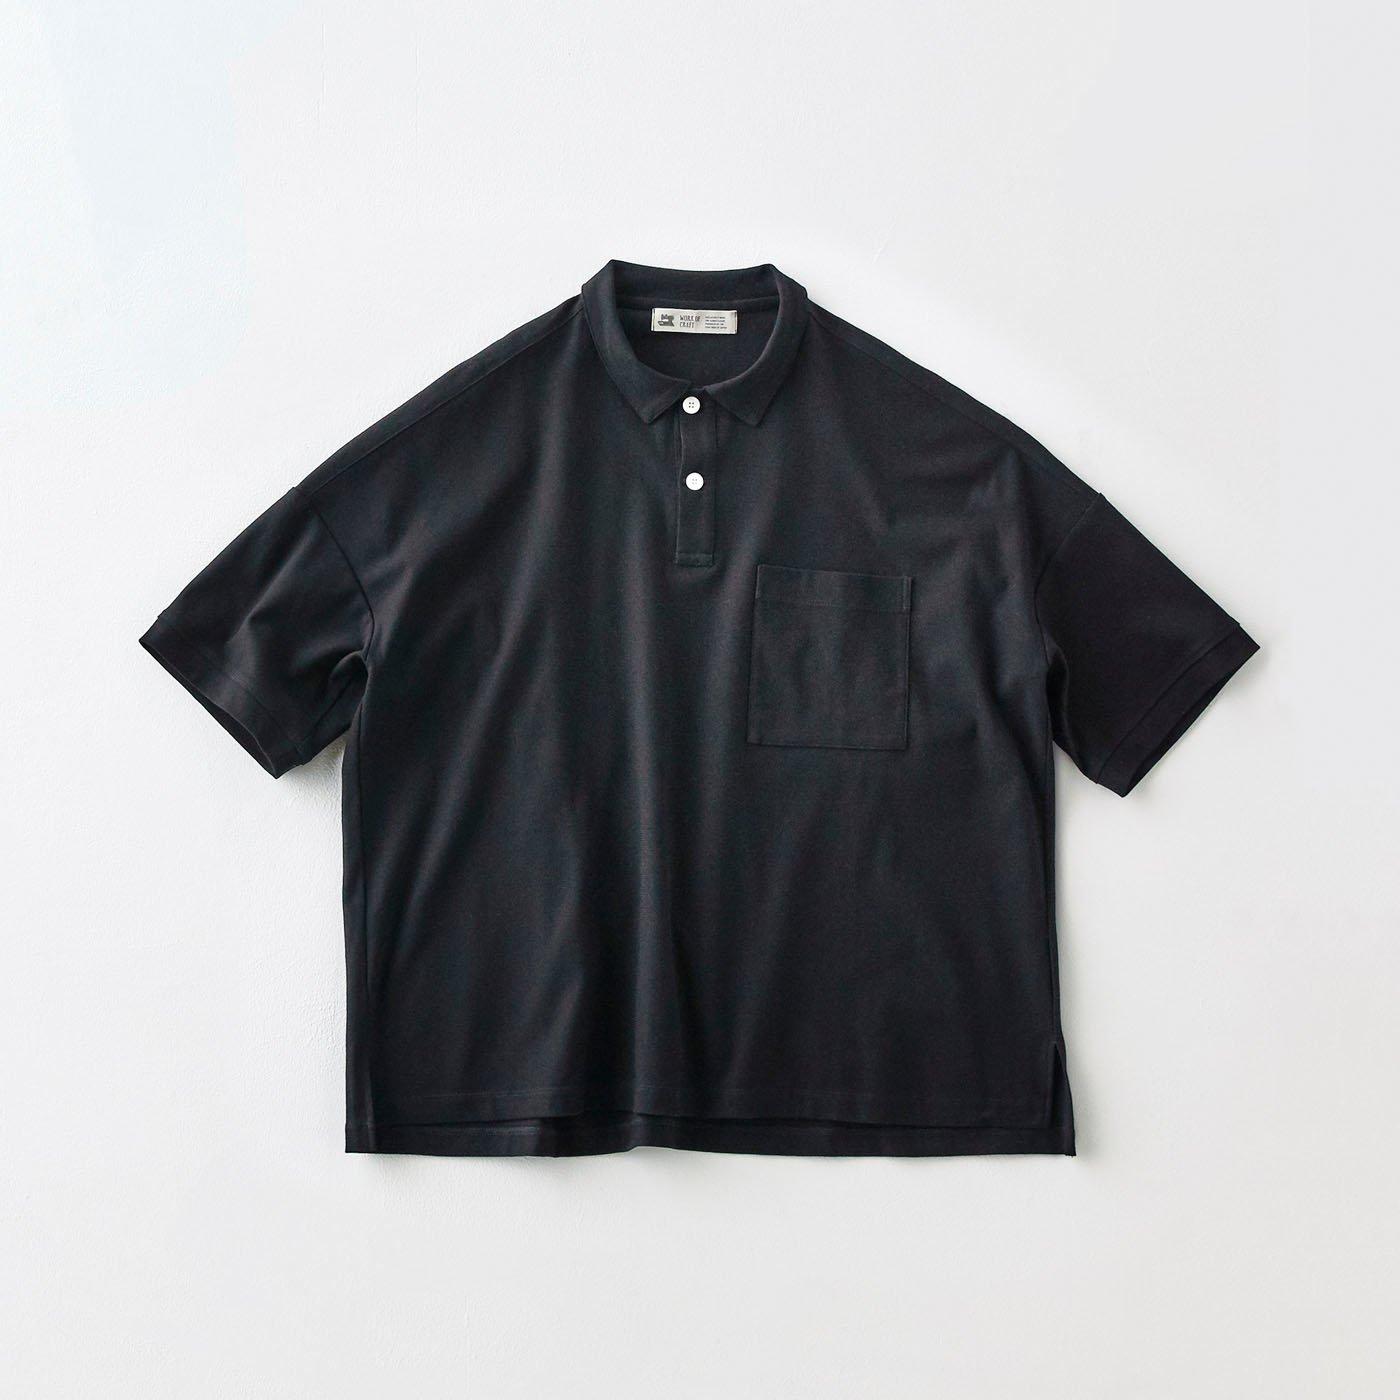 サニークラウズ 経編みポロシャツ〈メンズ〉